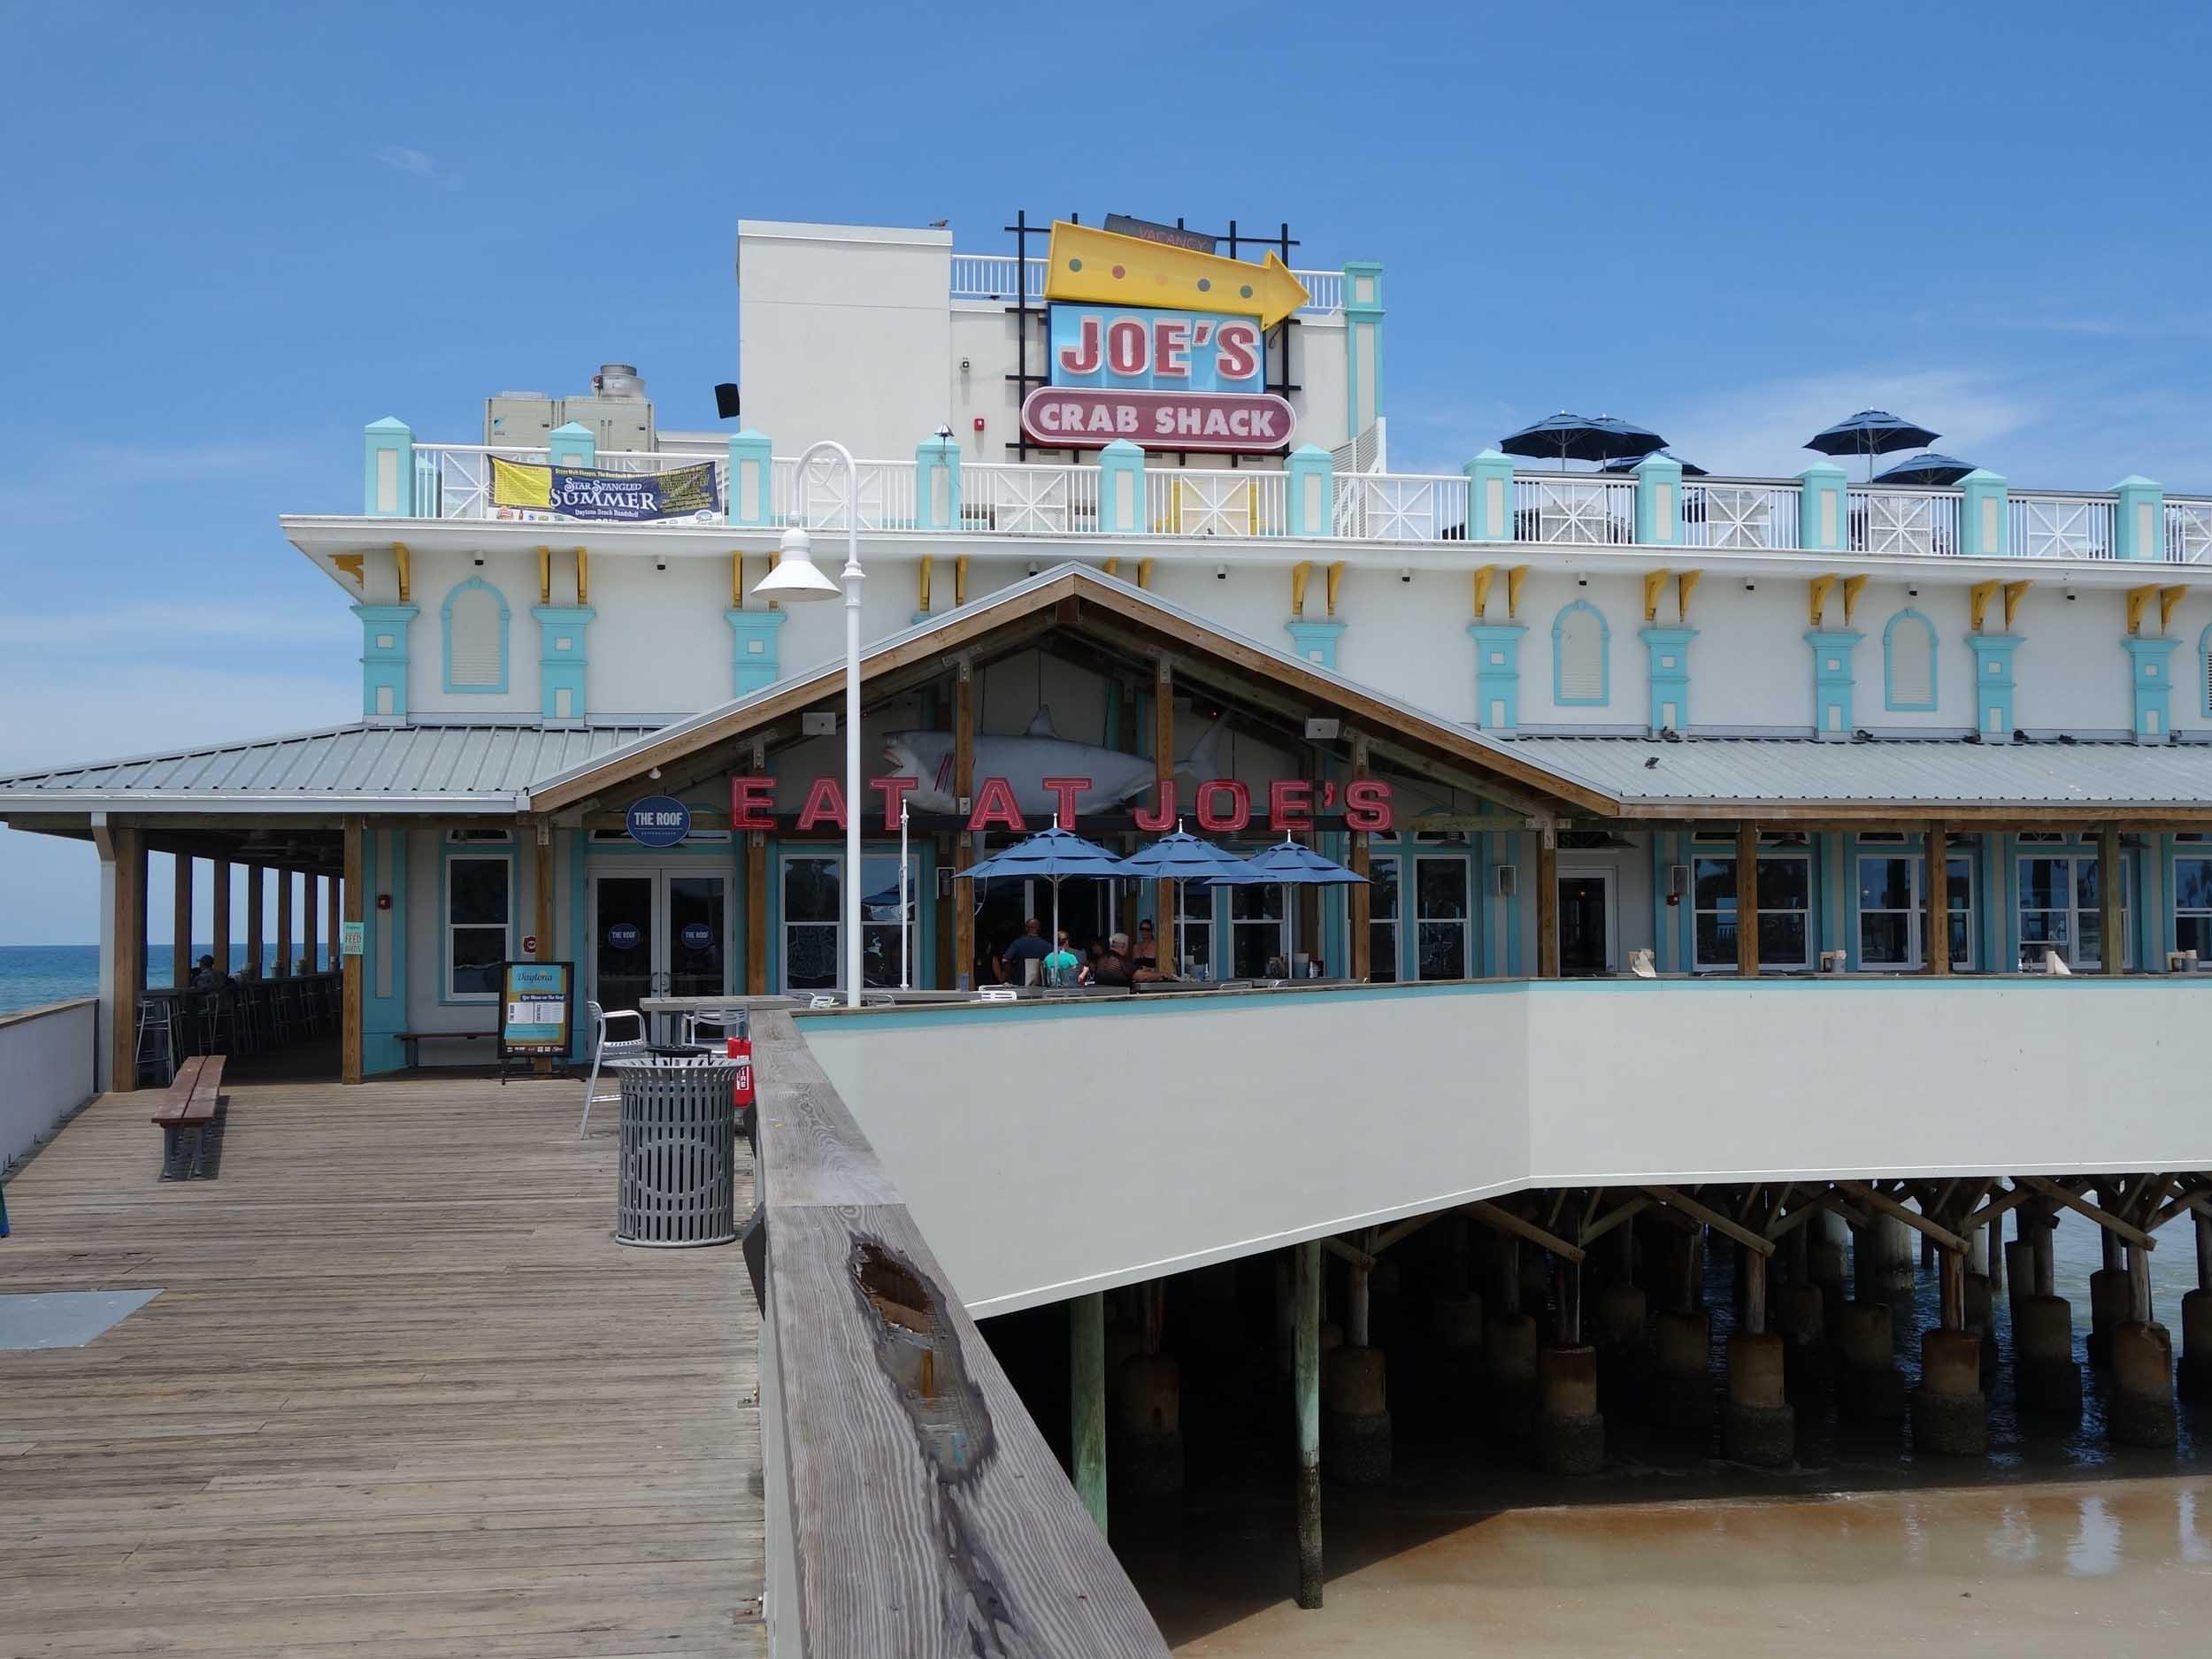 Joe's Crab Shack Entrance